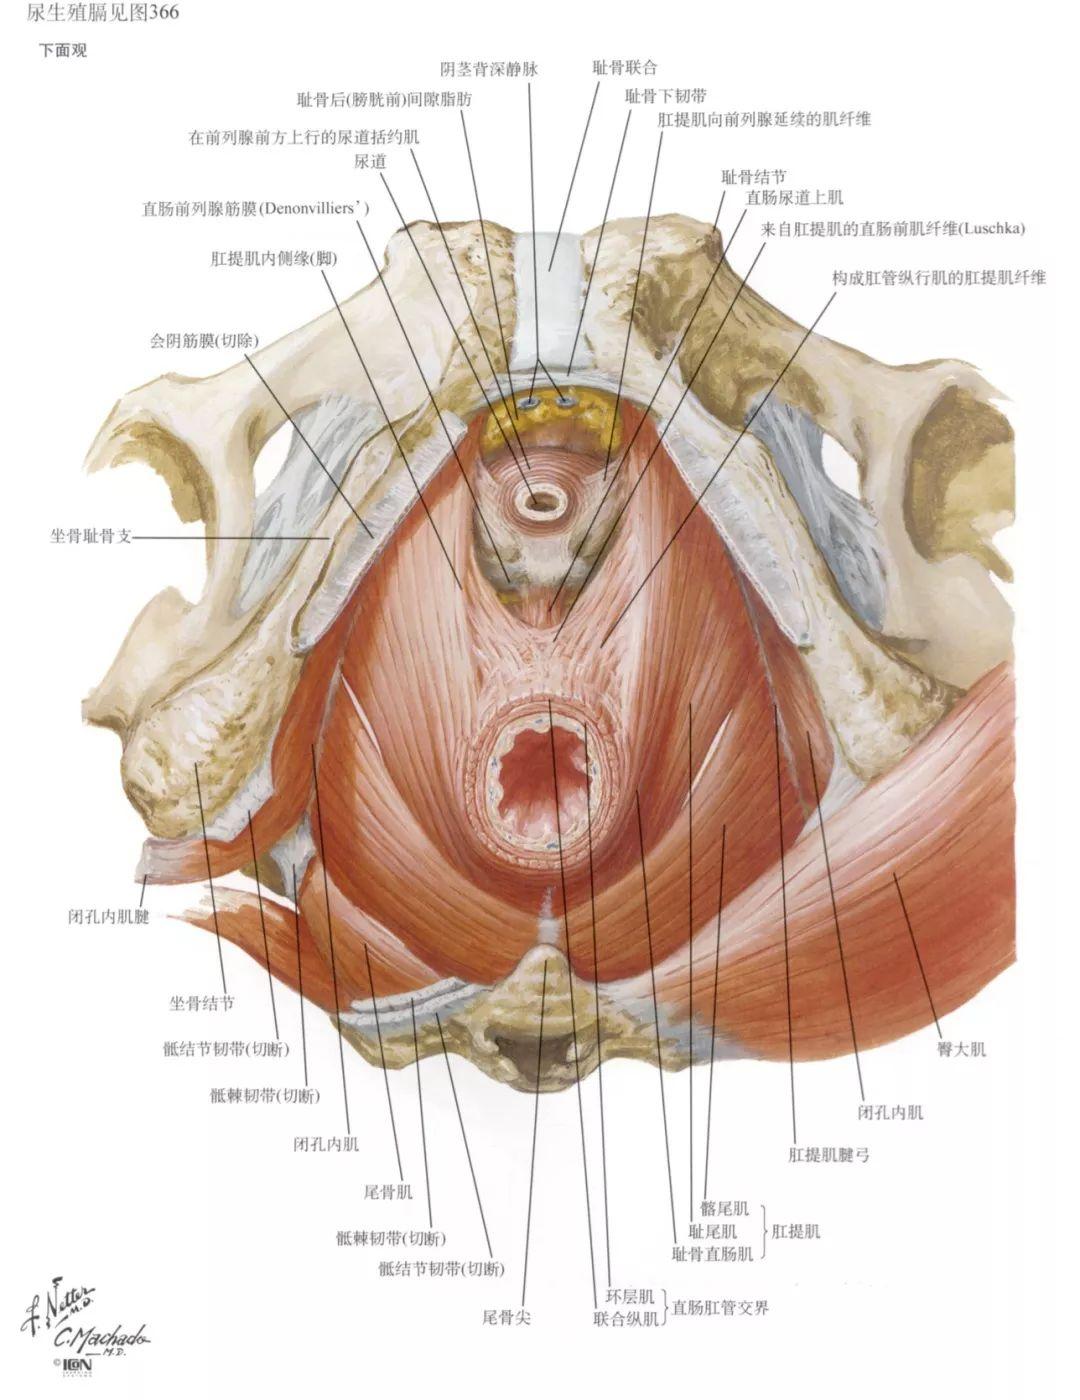 生殖医学专家揭秘胎儿性别是什么时候形成的?详细图解_手机搜狐网